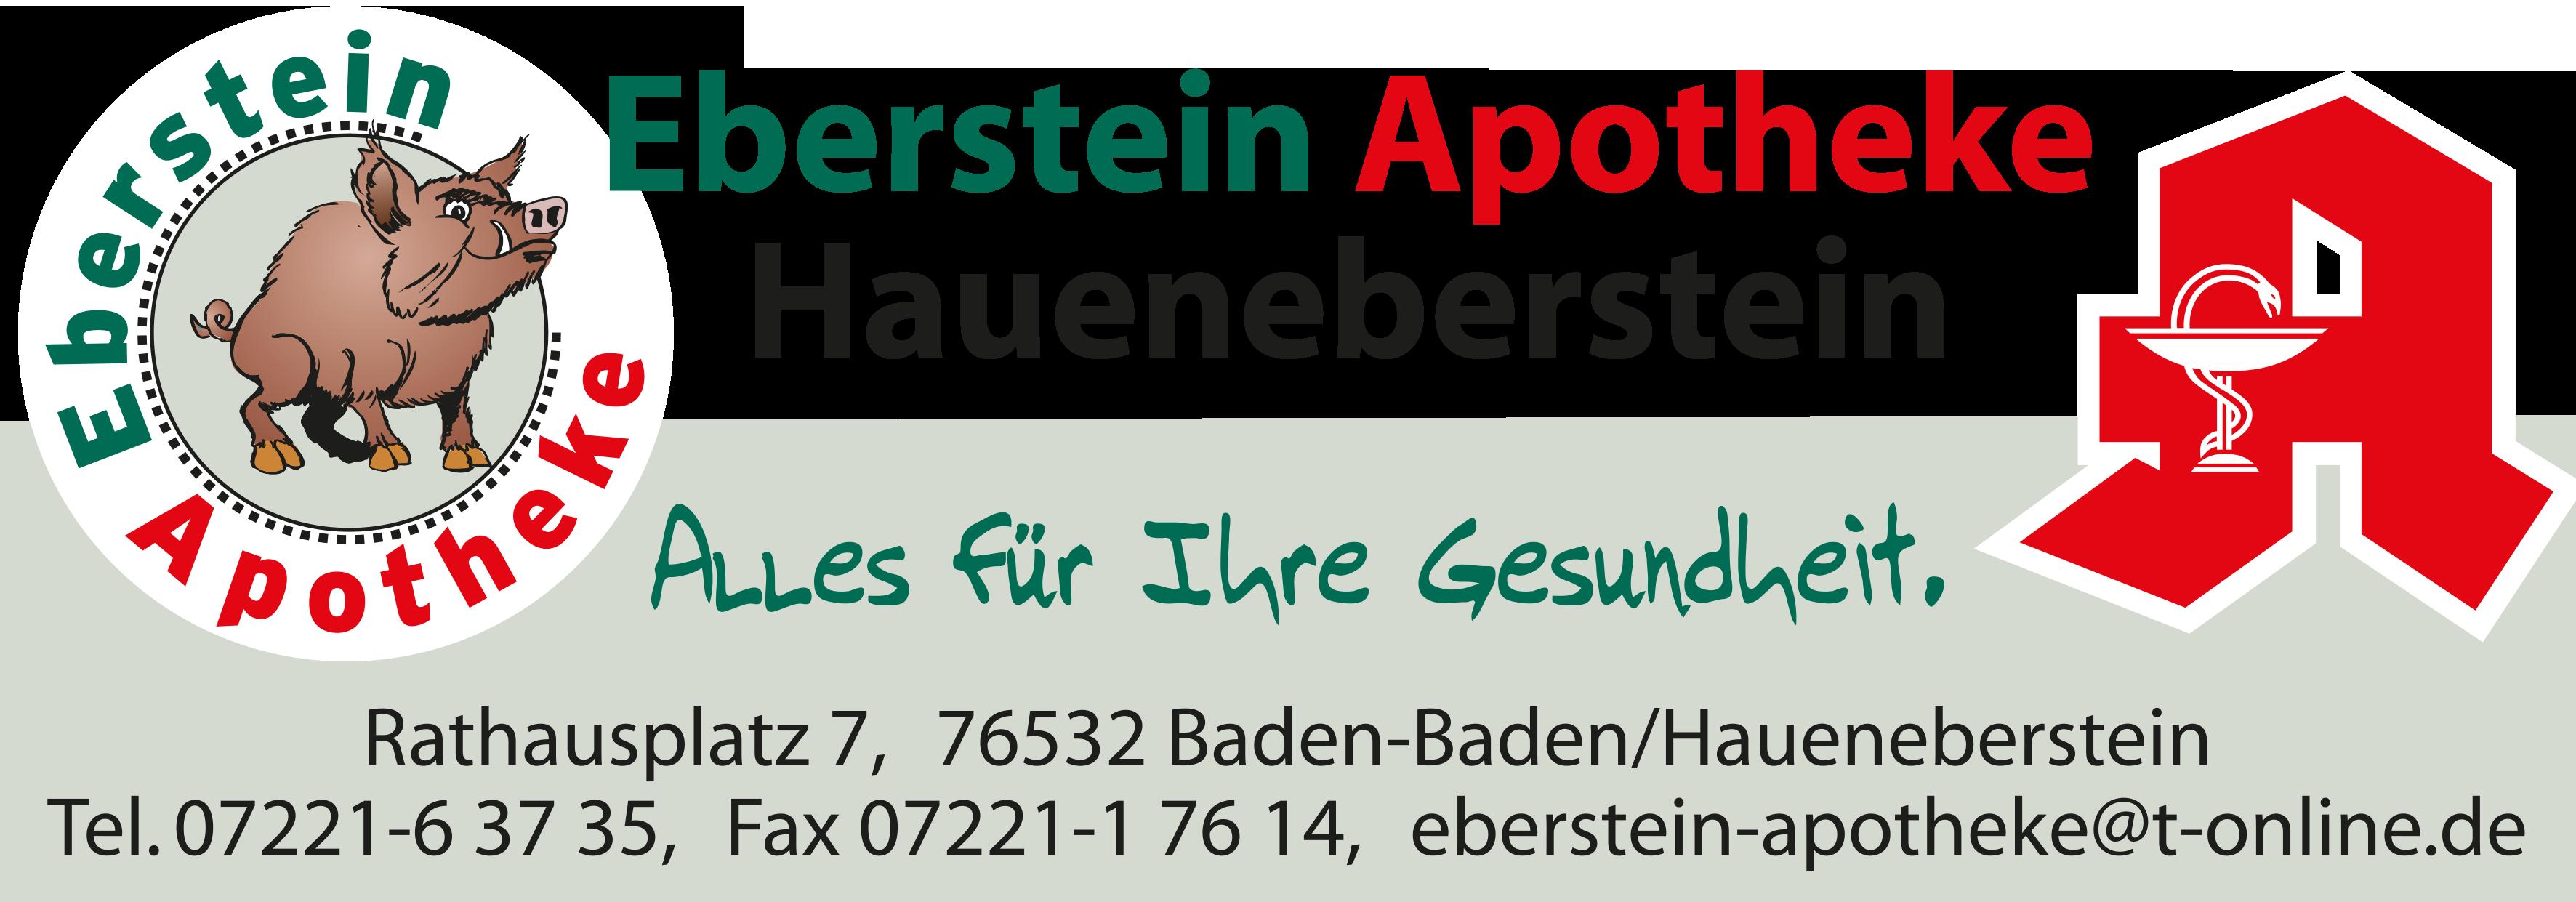 Logo der Eberstein-Apotheke